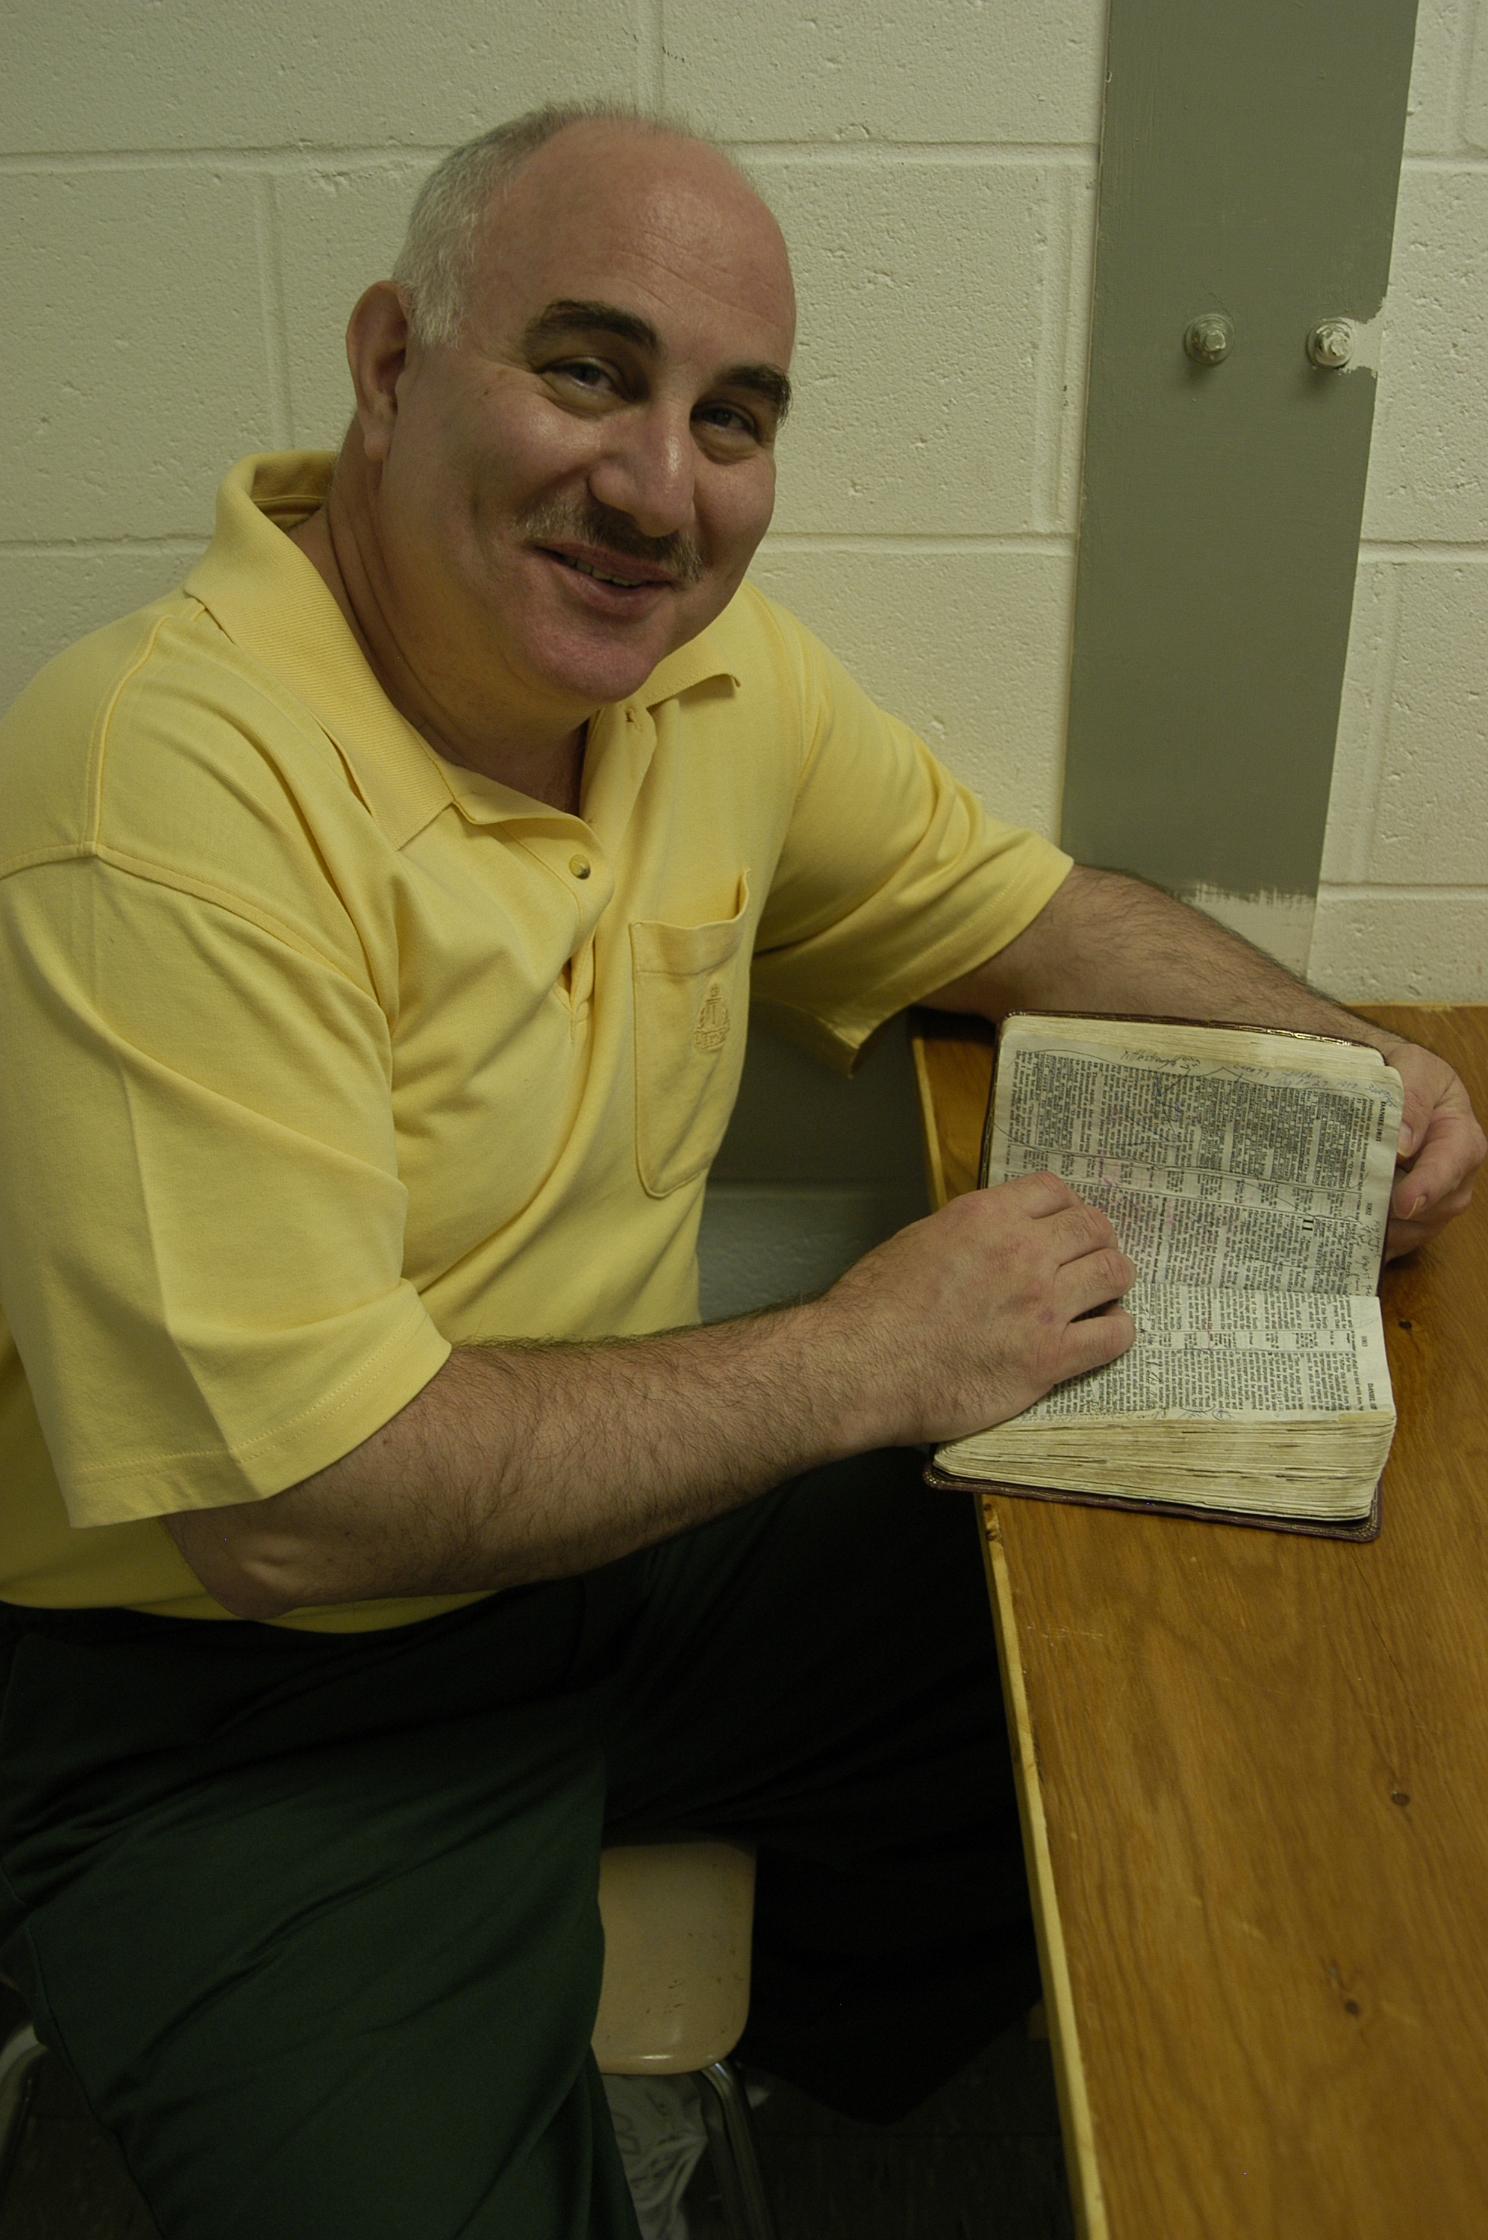 david b opening bible